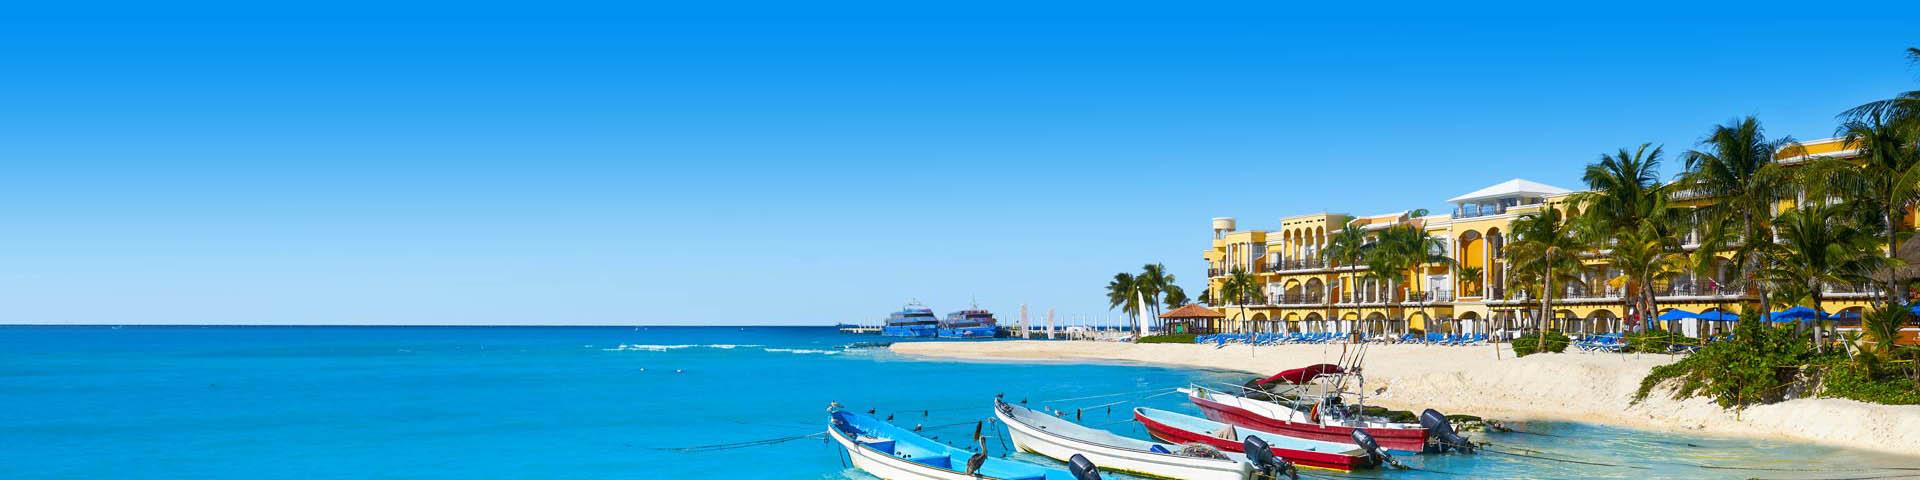 Bootjes in blauwe zee, met uitzicht op een wit strand